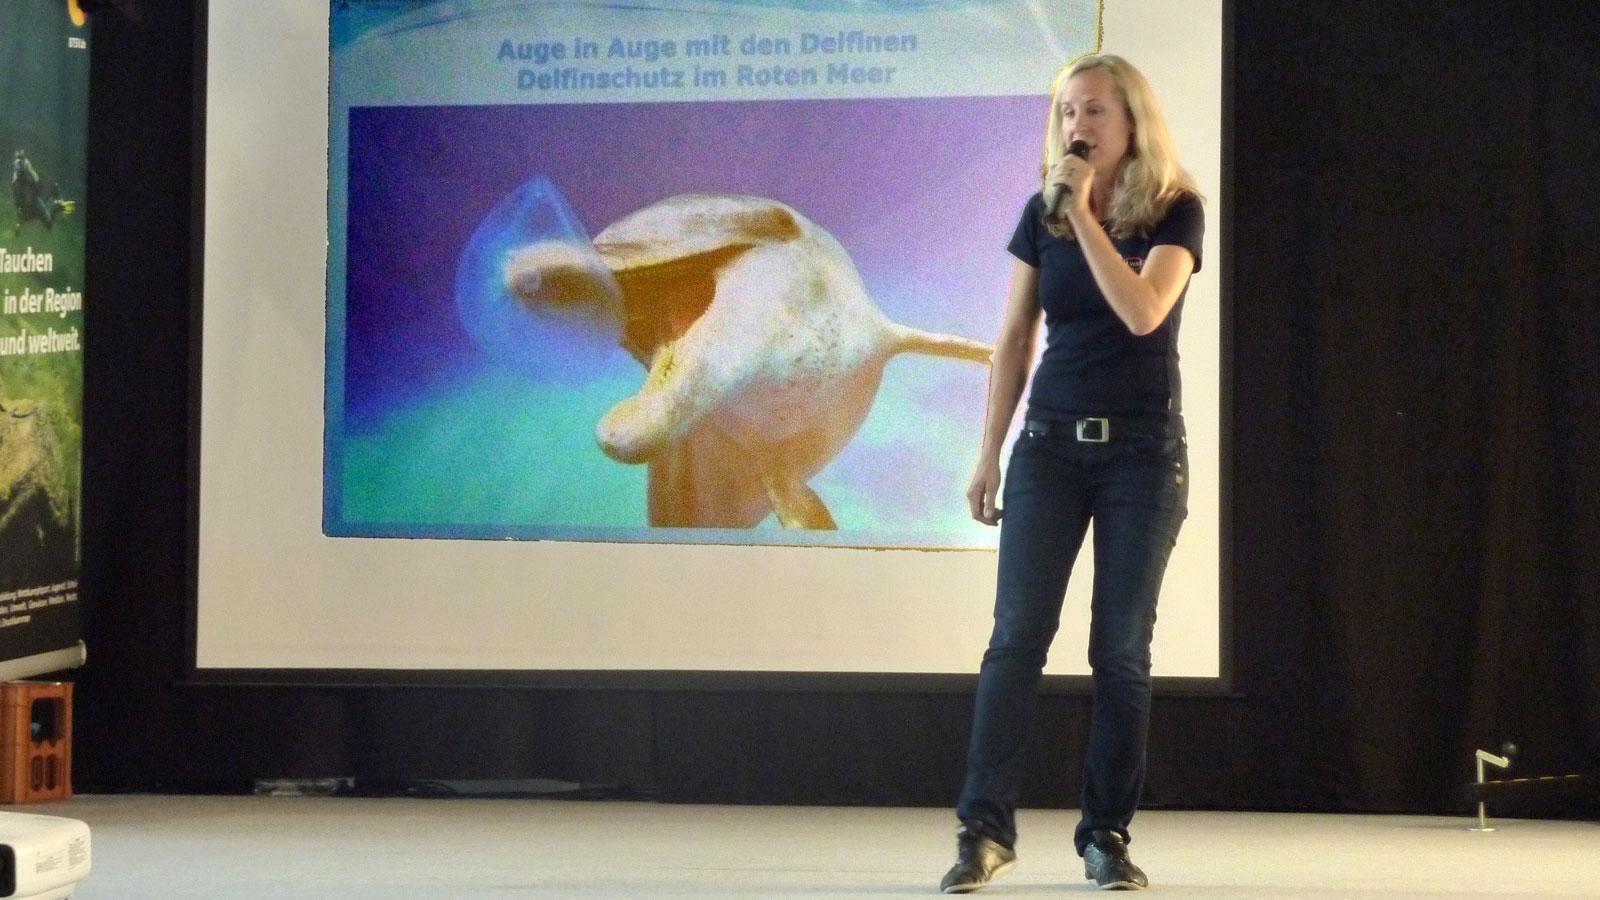 Vortrag Delfinschutz im Roten Meer